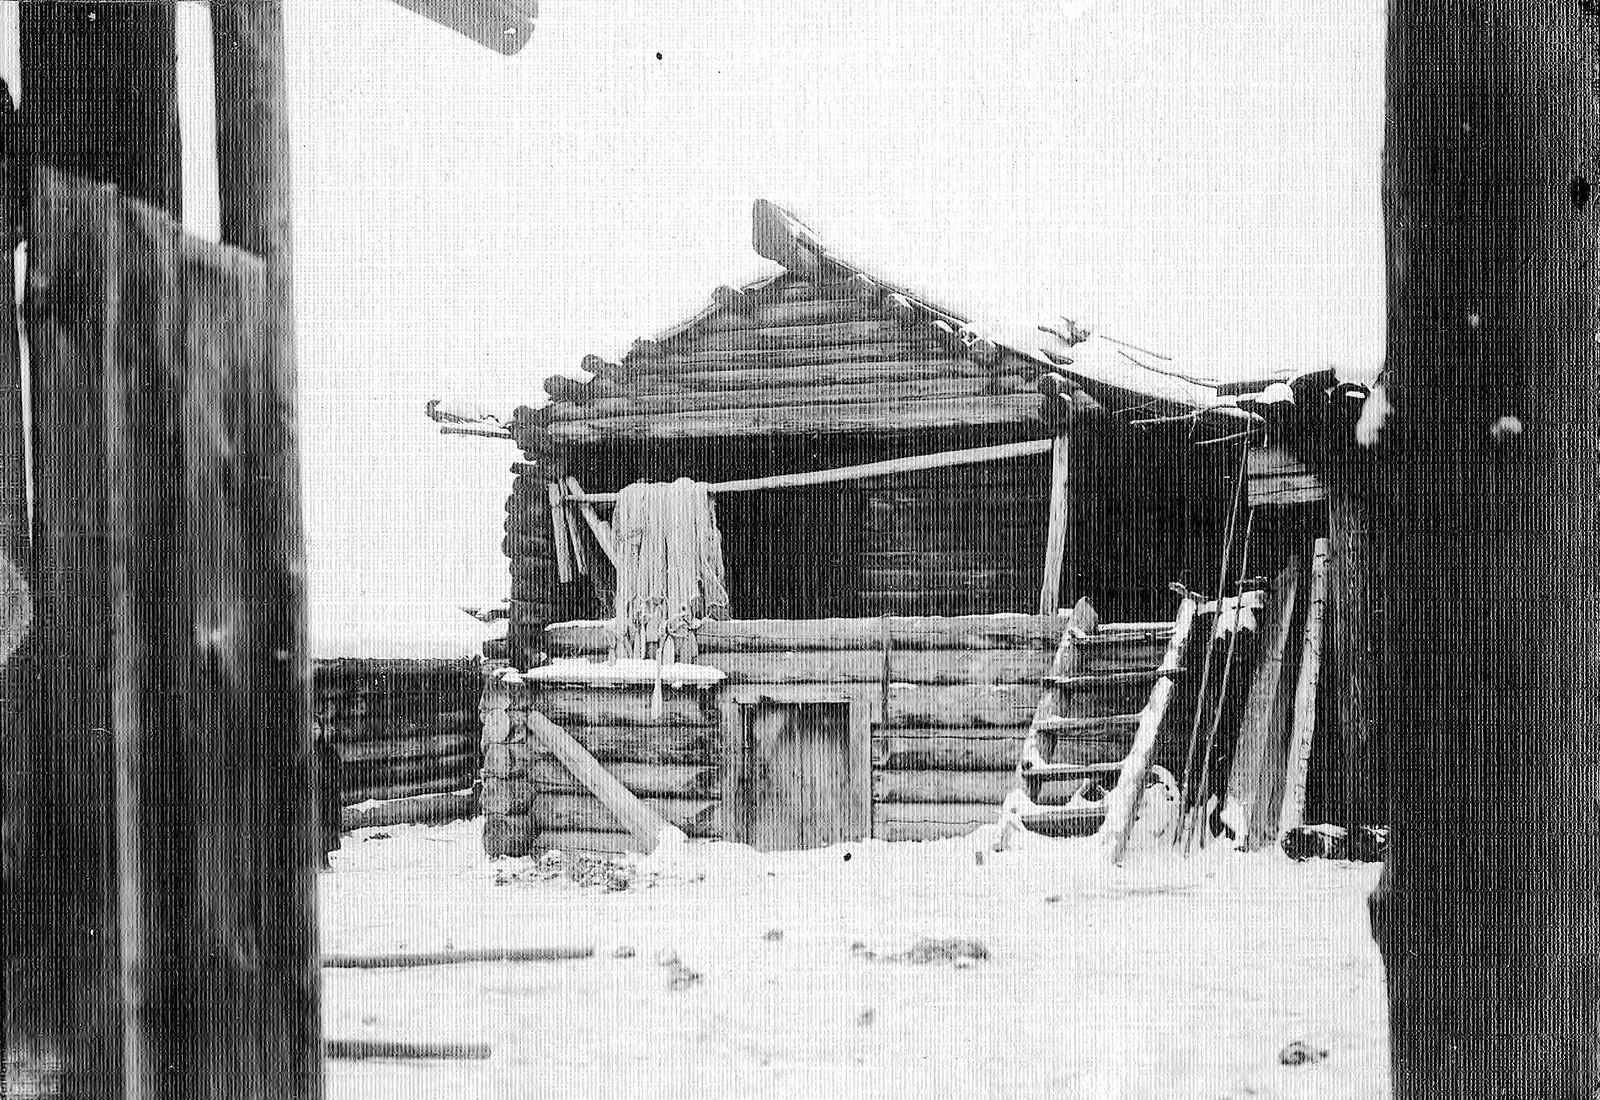 Старинный амбар в селе Богучанском Енисейского уезда